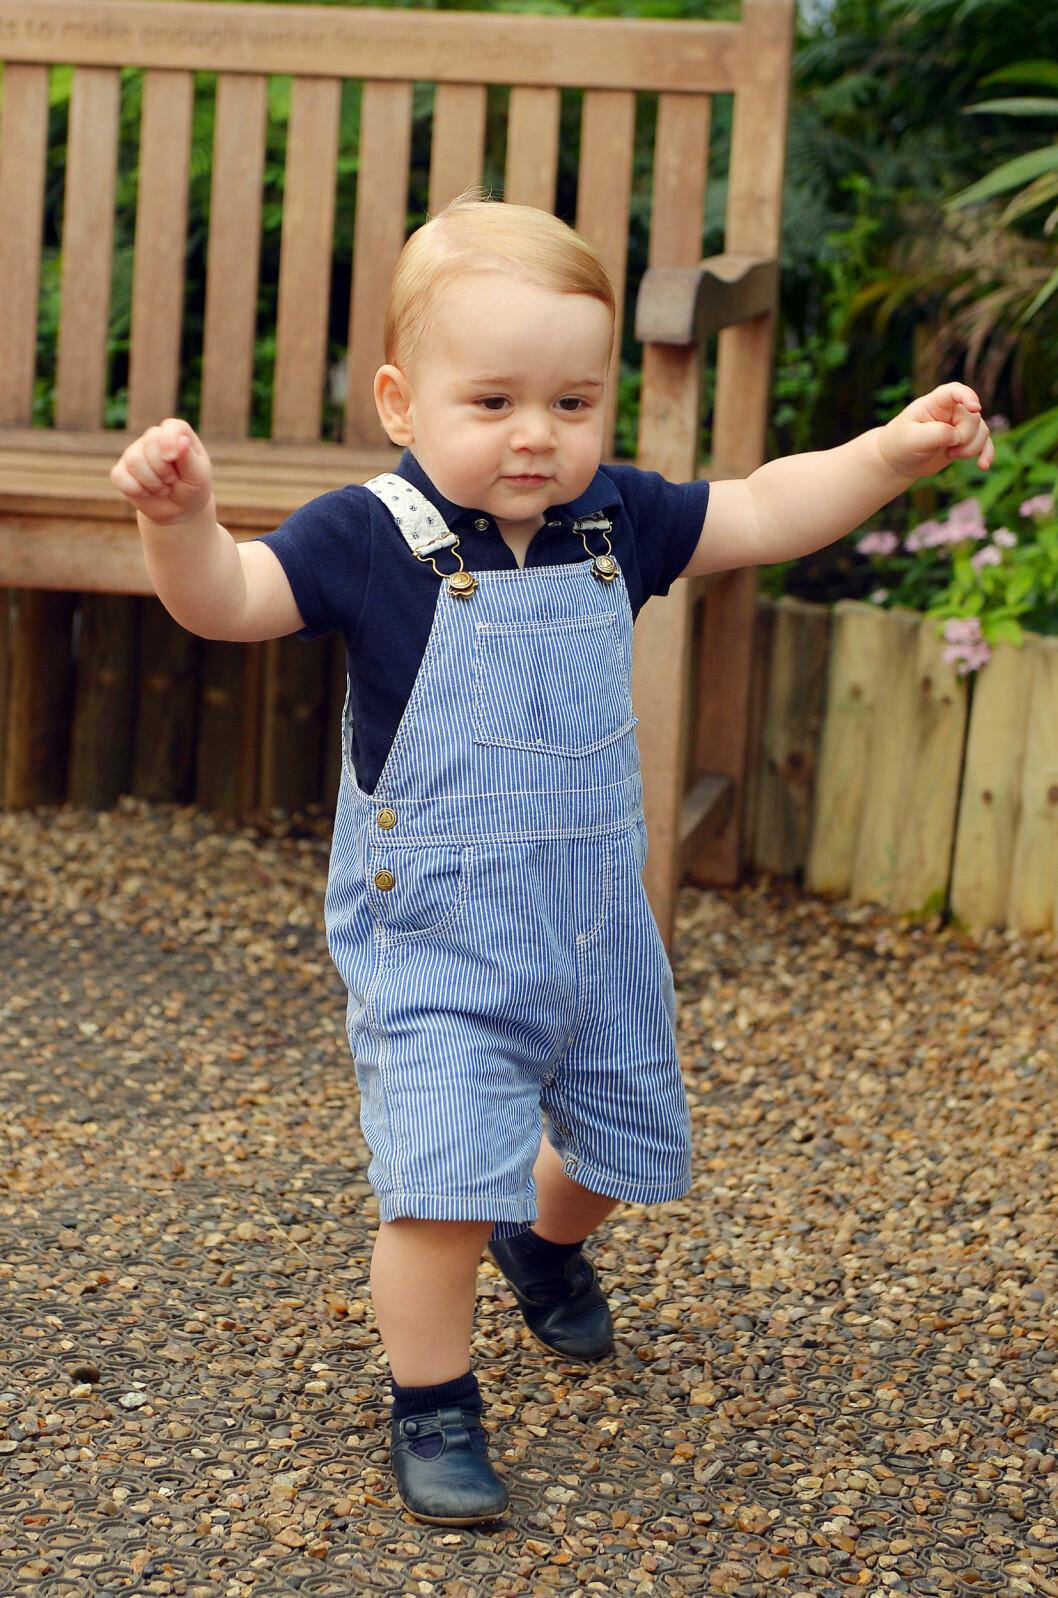 I RUTE: Barn begynner vanligvis å gå når de er mellom 9 og 18 måneder, og lille prins George demonstrerte at han var trygg på beina i starten av juli, da hans første soloportrett ble tatt. Foto: Stella Pictures